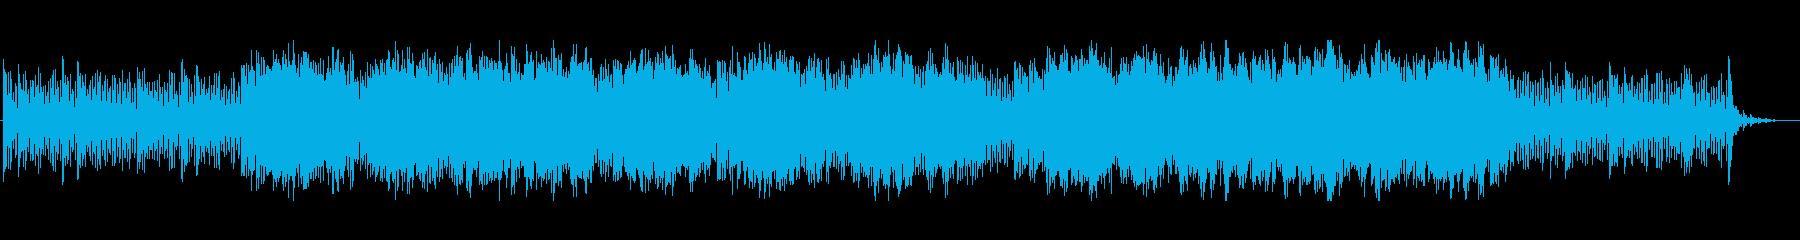 切ないシーンのシンセ曲の再生済みの波形